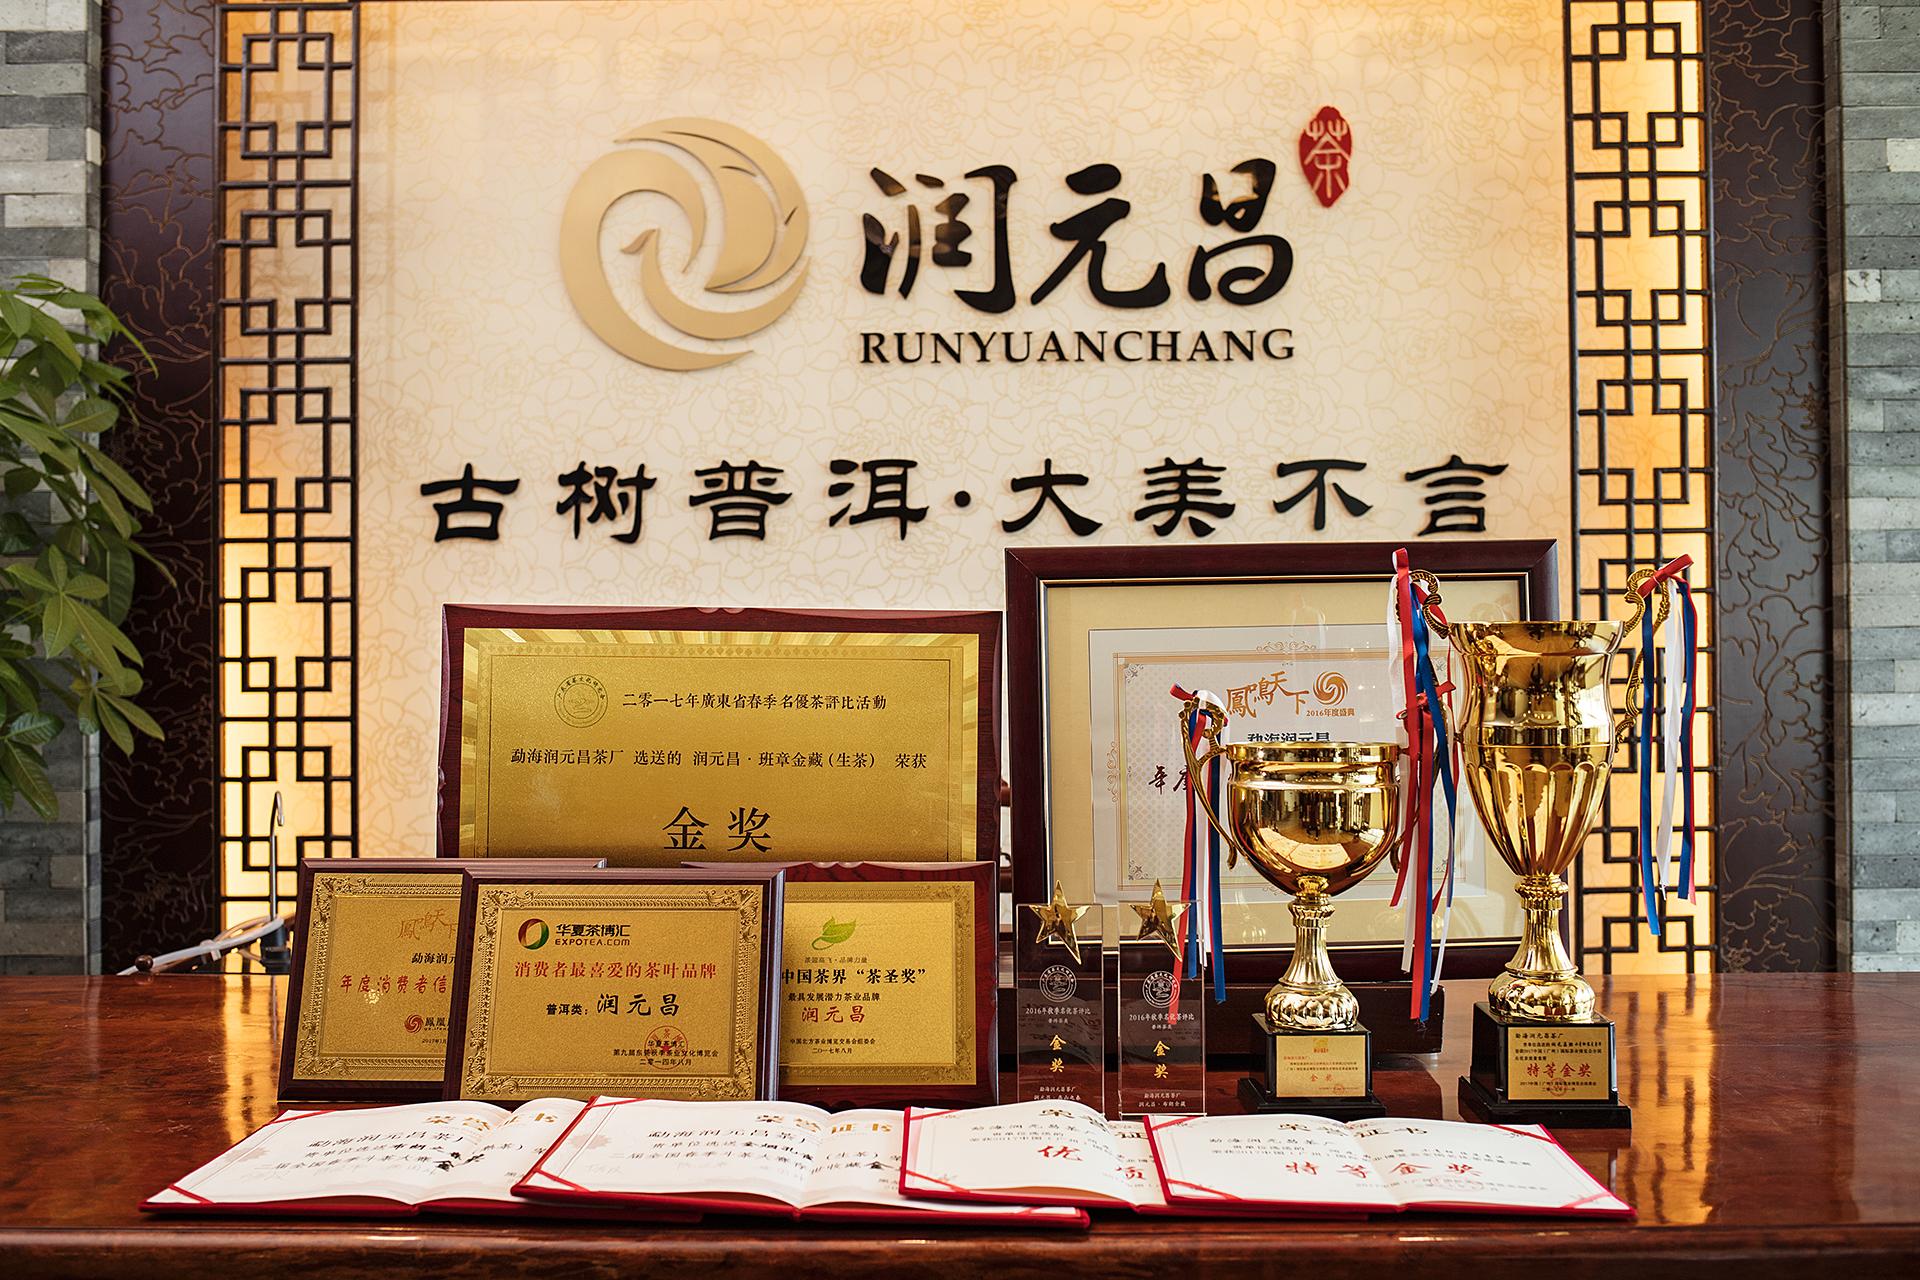 中国十大茶叶连锁品牌